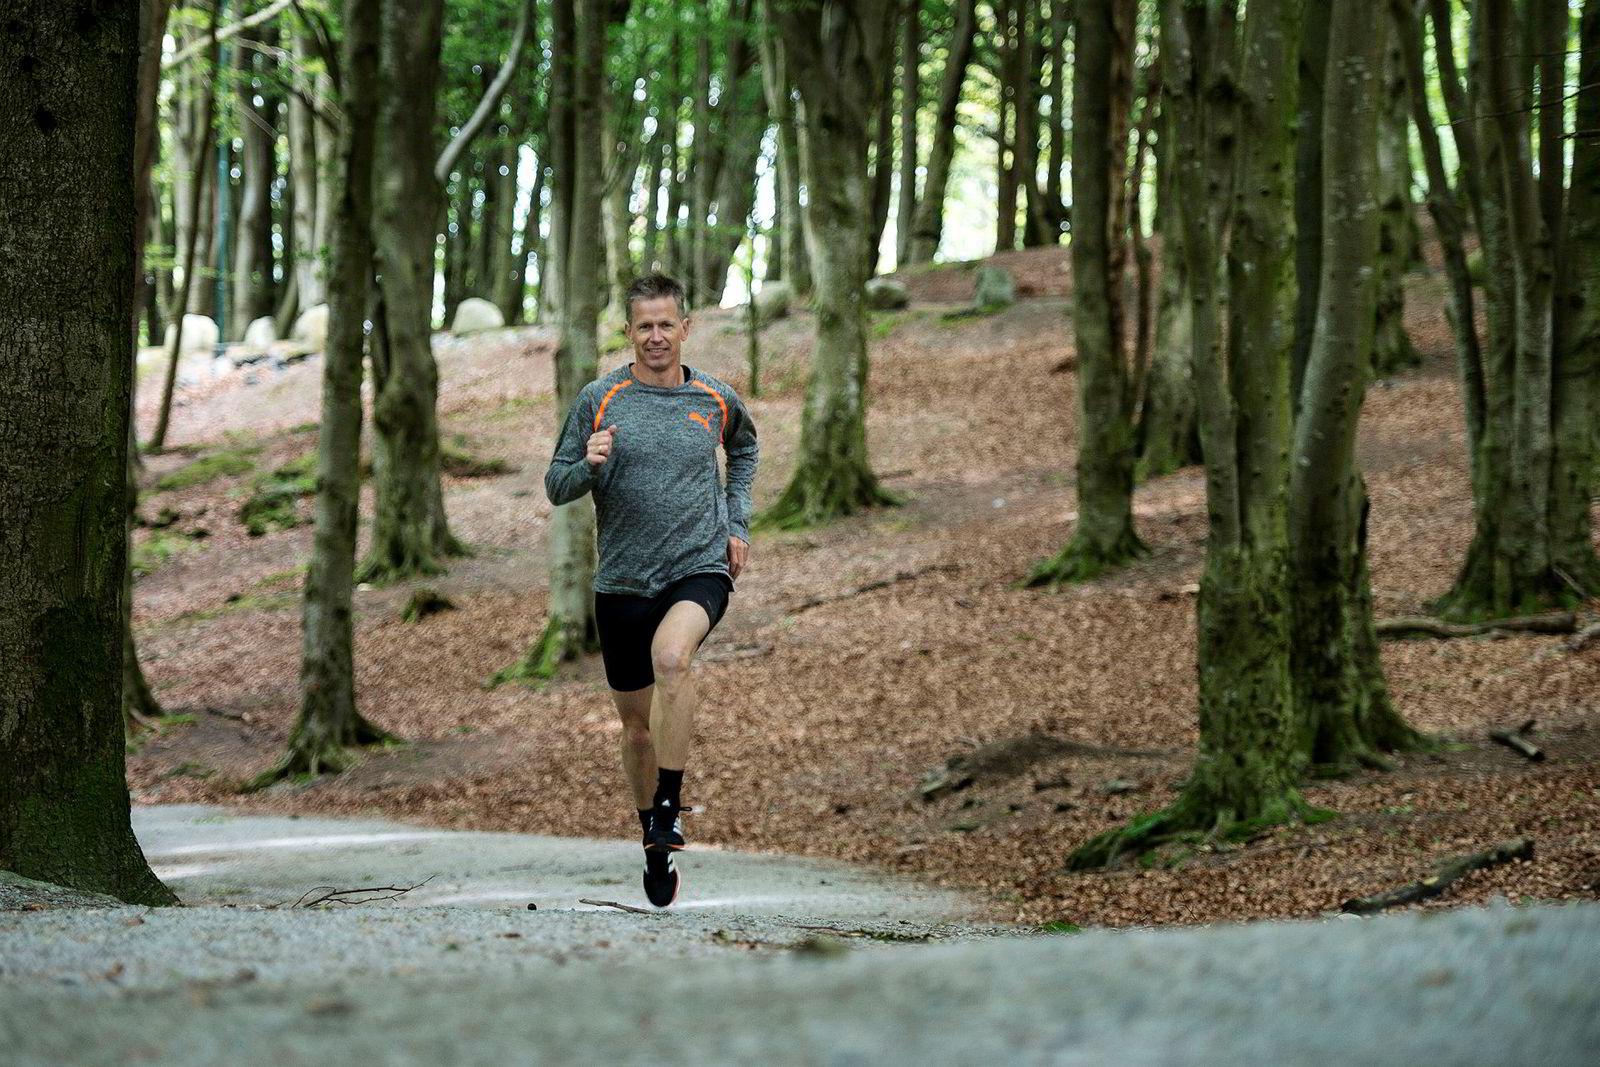 Knudsen-klyv: – Jeg kjører bakkedrag gjerne etter langturer og etter kortere restitusjonsøkter. Ofte tar jeg slike drag også dagen før jeg skal gjøre intervaller. Dette for å «preppe» musklene til neste dag, sier Knudsen.